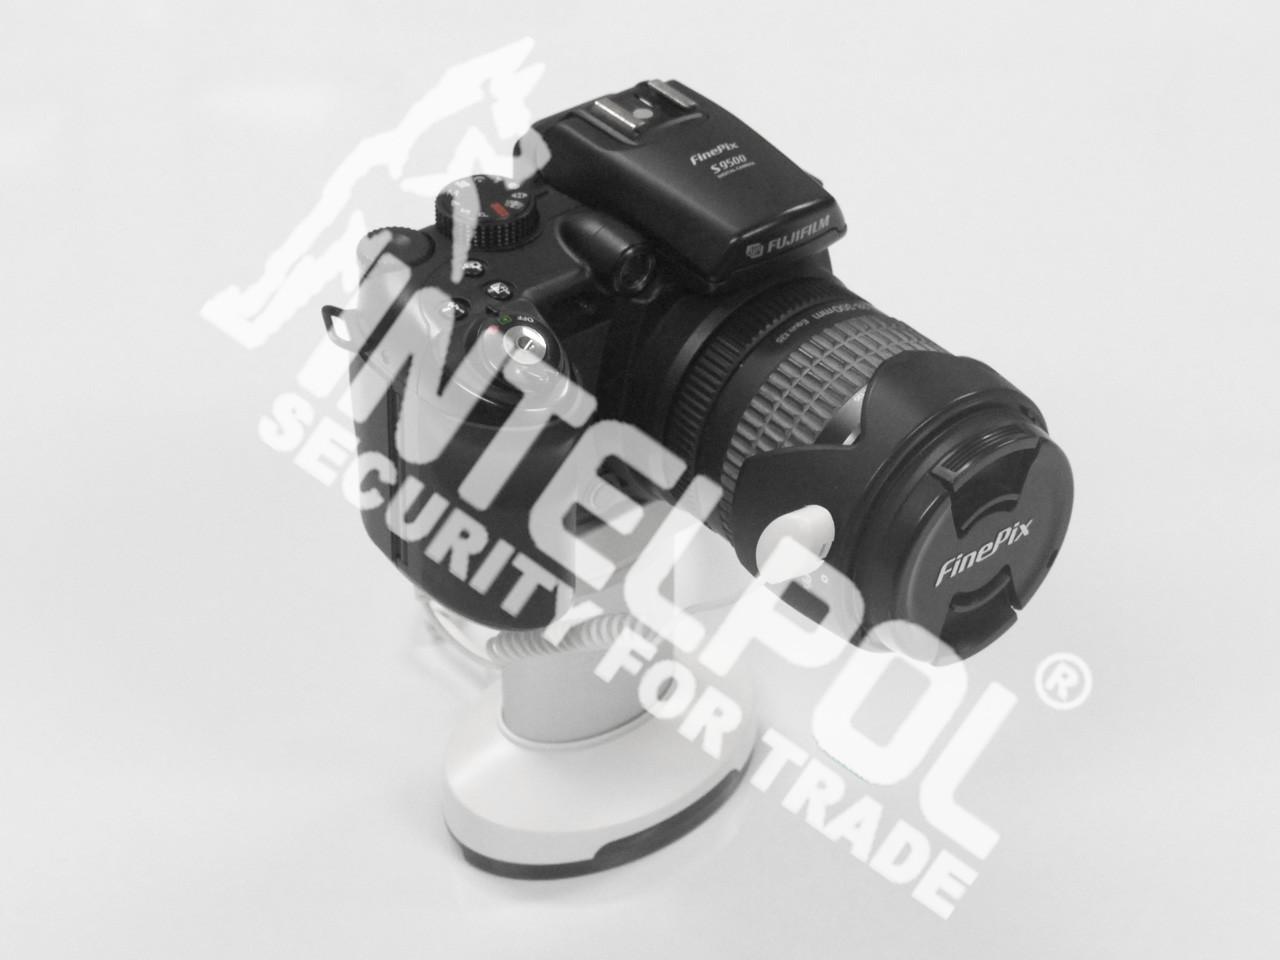 Автономный пьедестал Safeplay SP2202 для фототехники